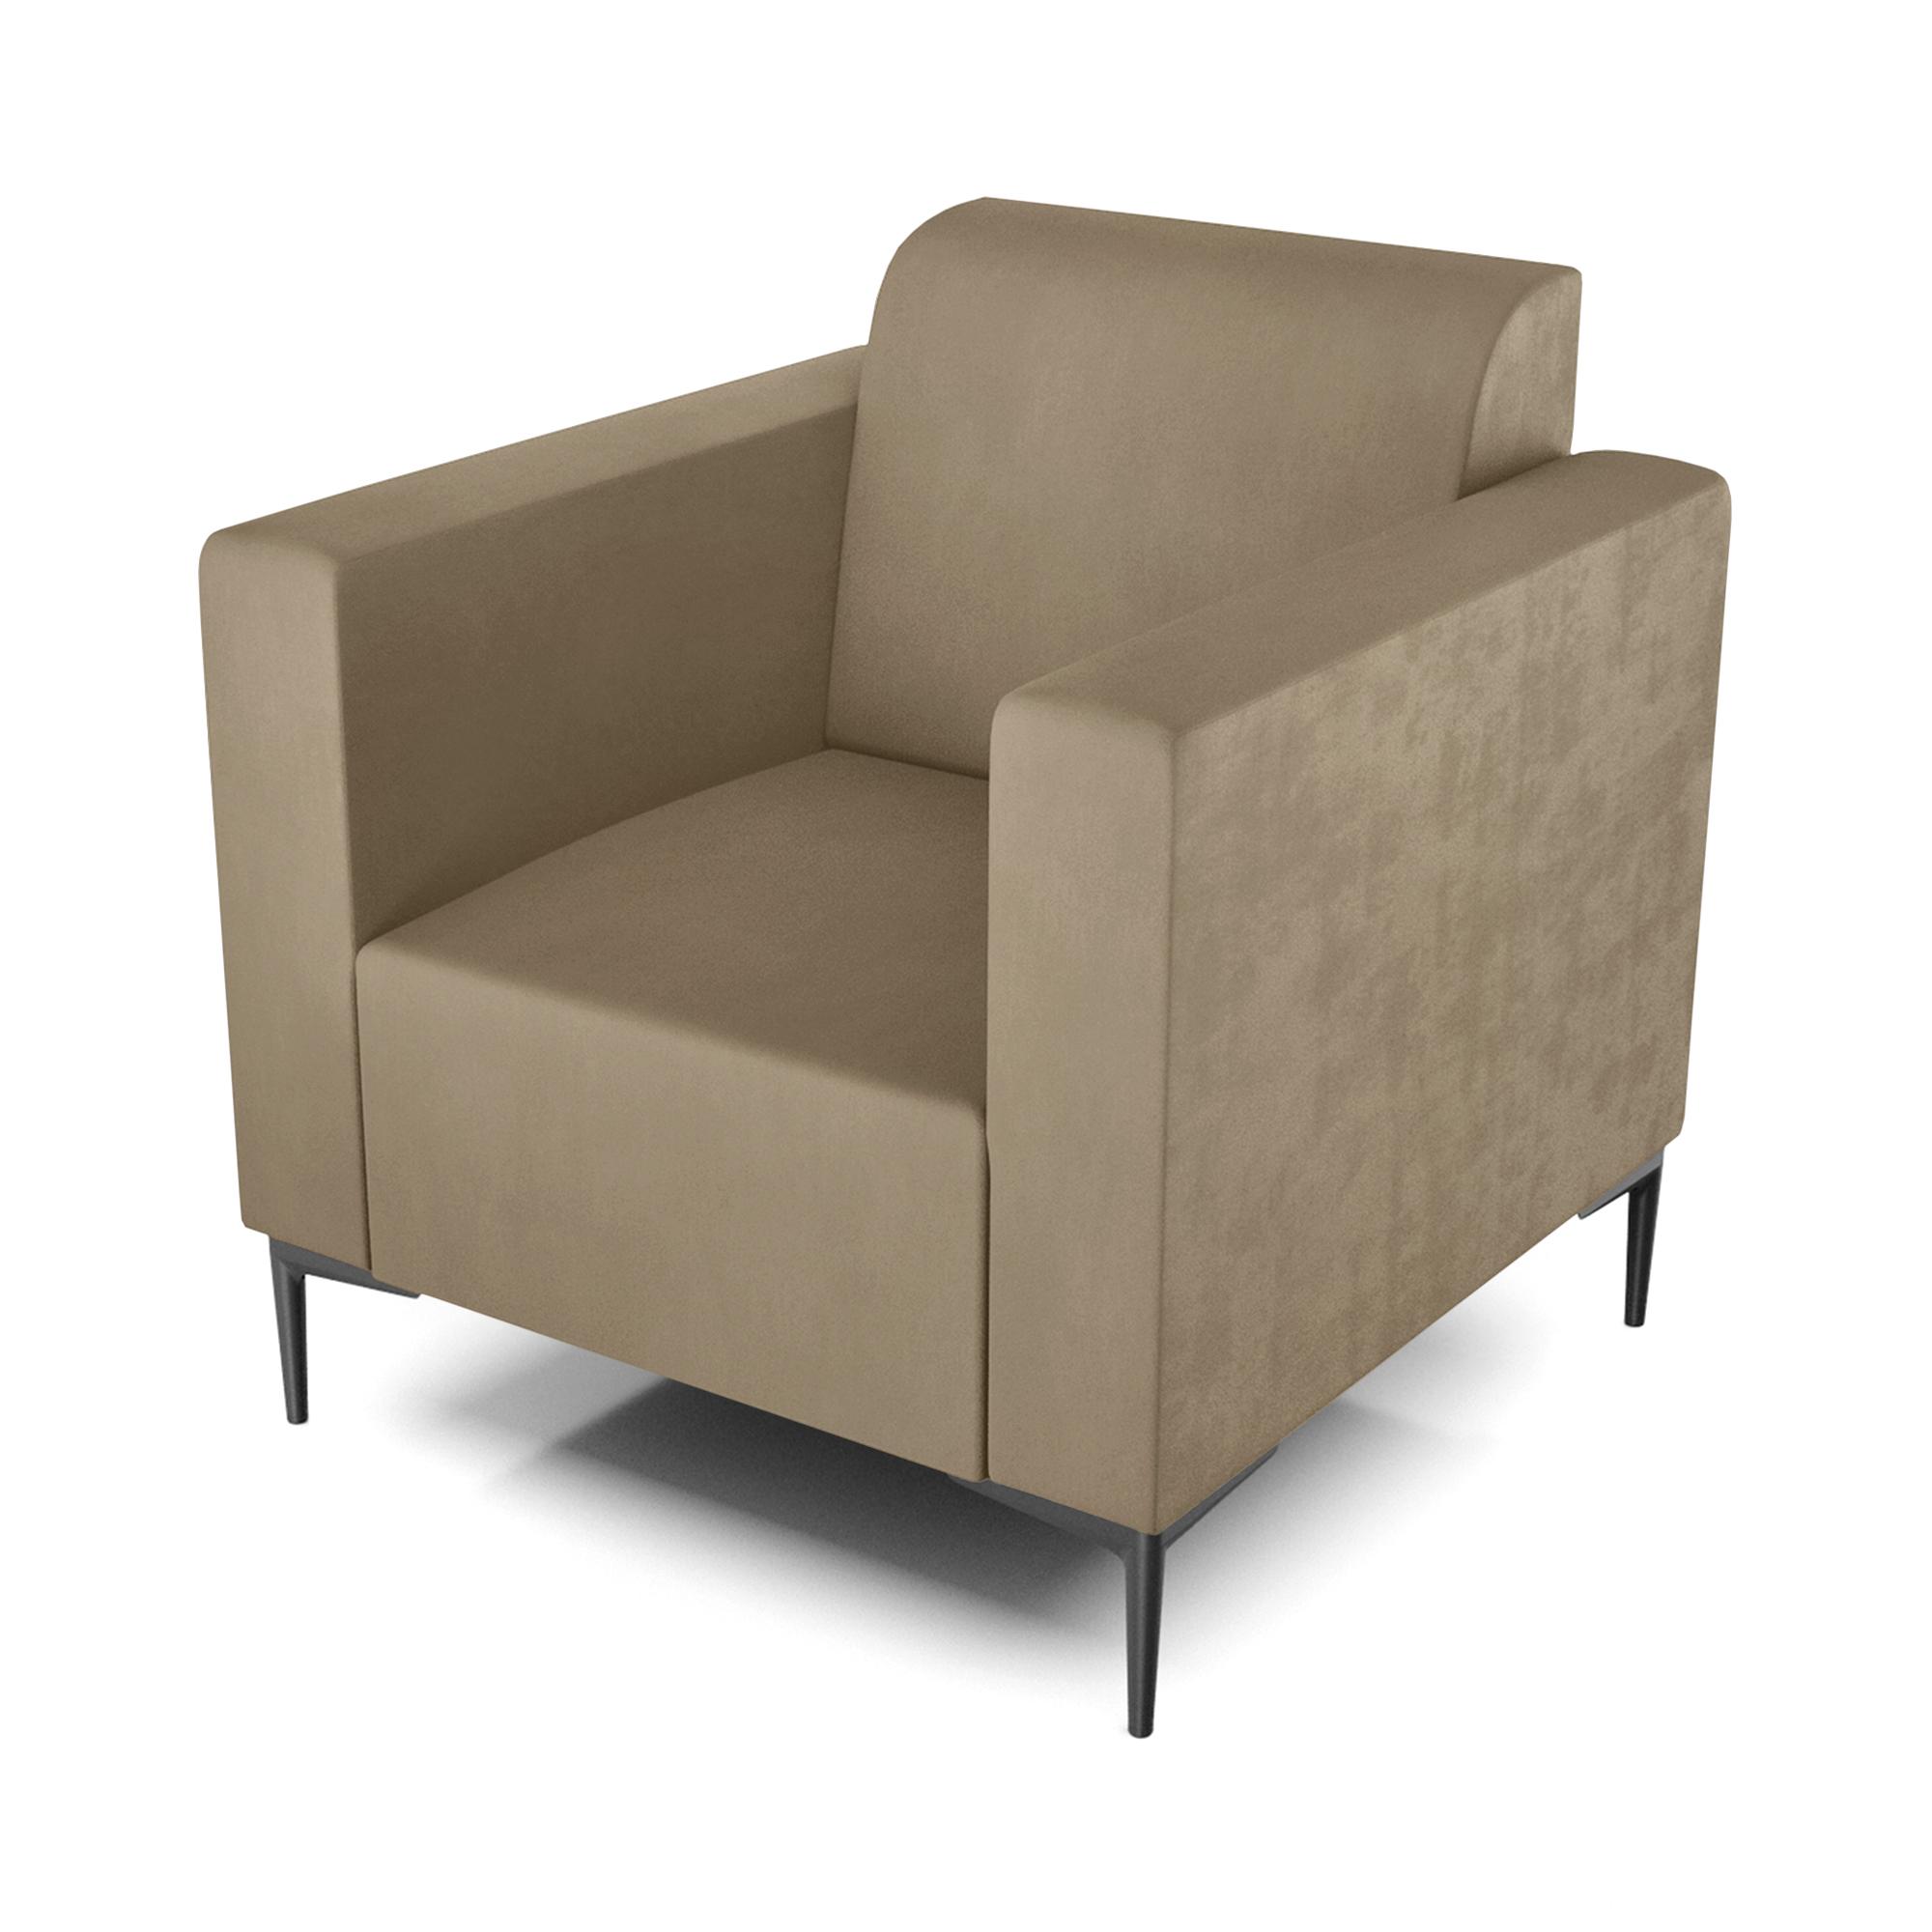 Кресло AS Тиффани 79x78x73 см шоколадный кресло as тиффани 79x78x73 см коричневый